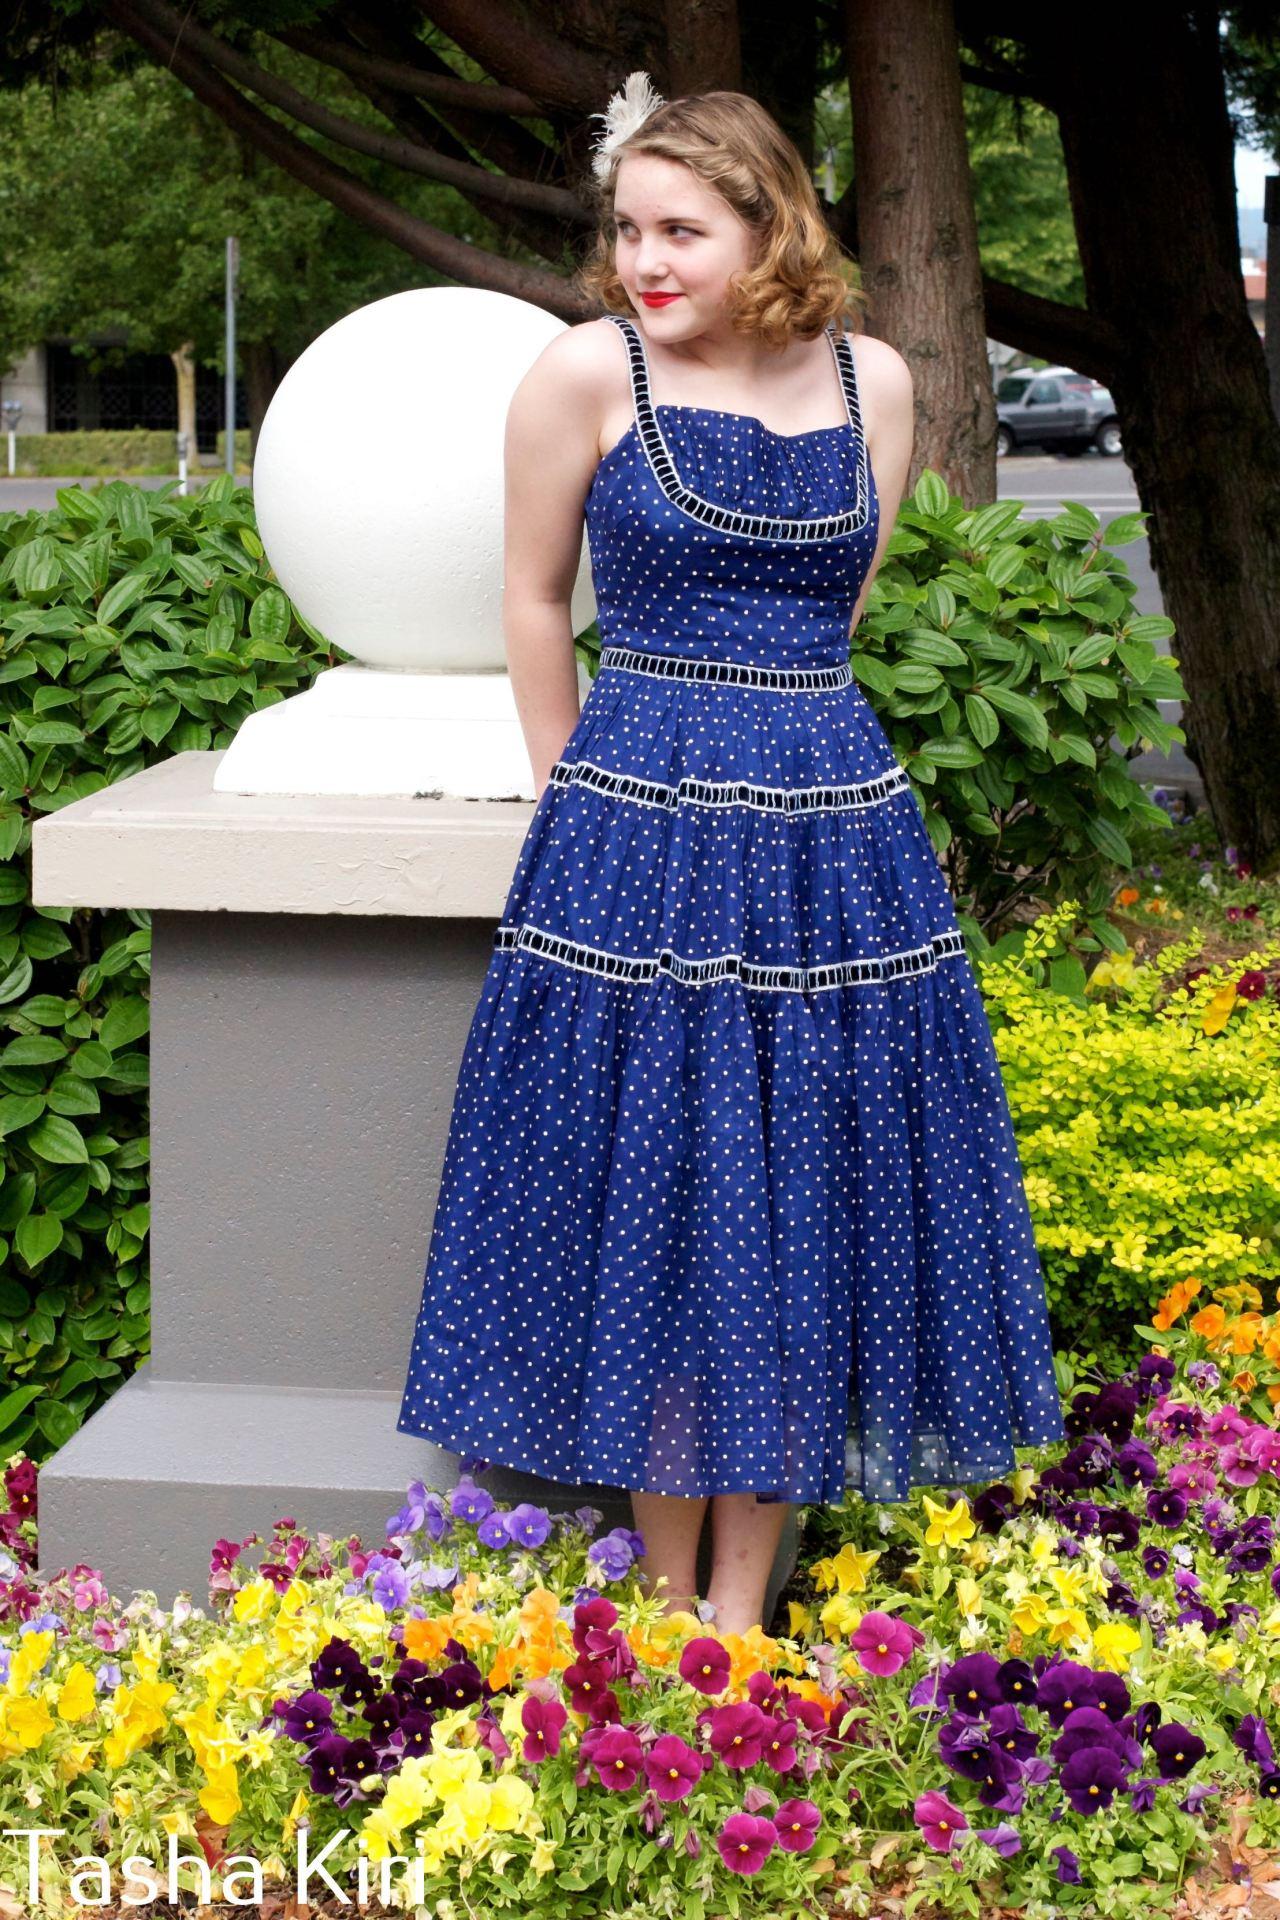 PD dress after